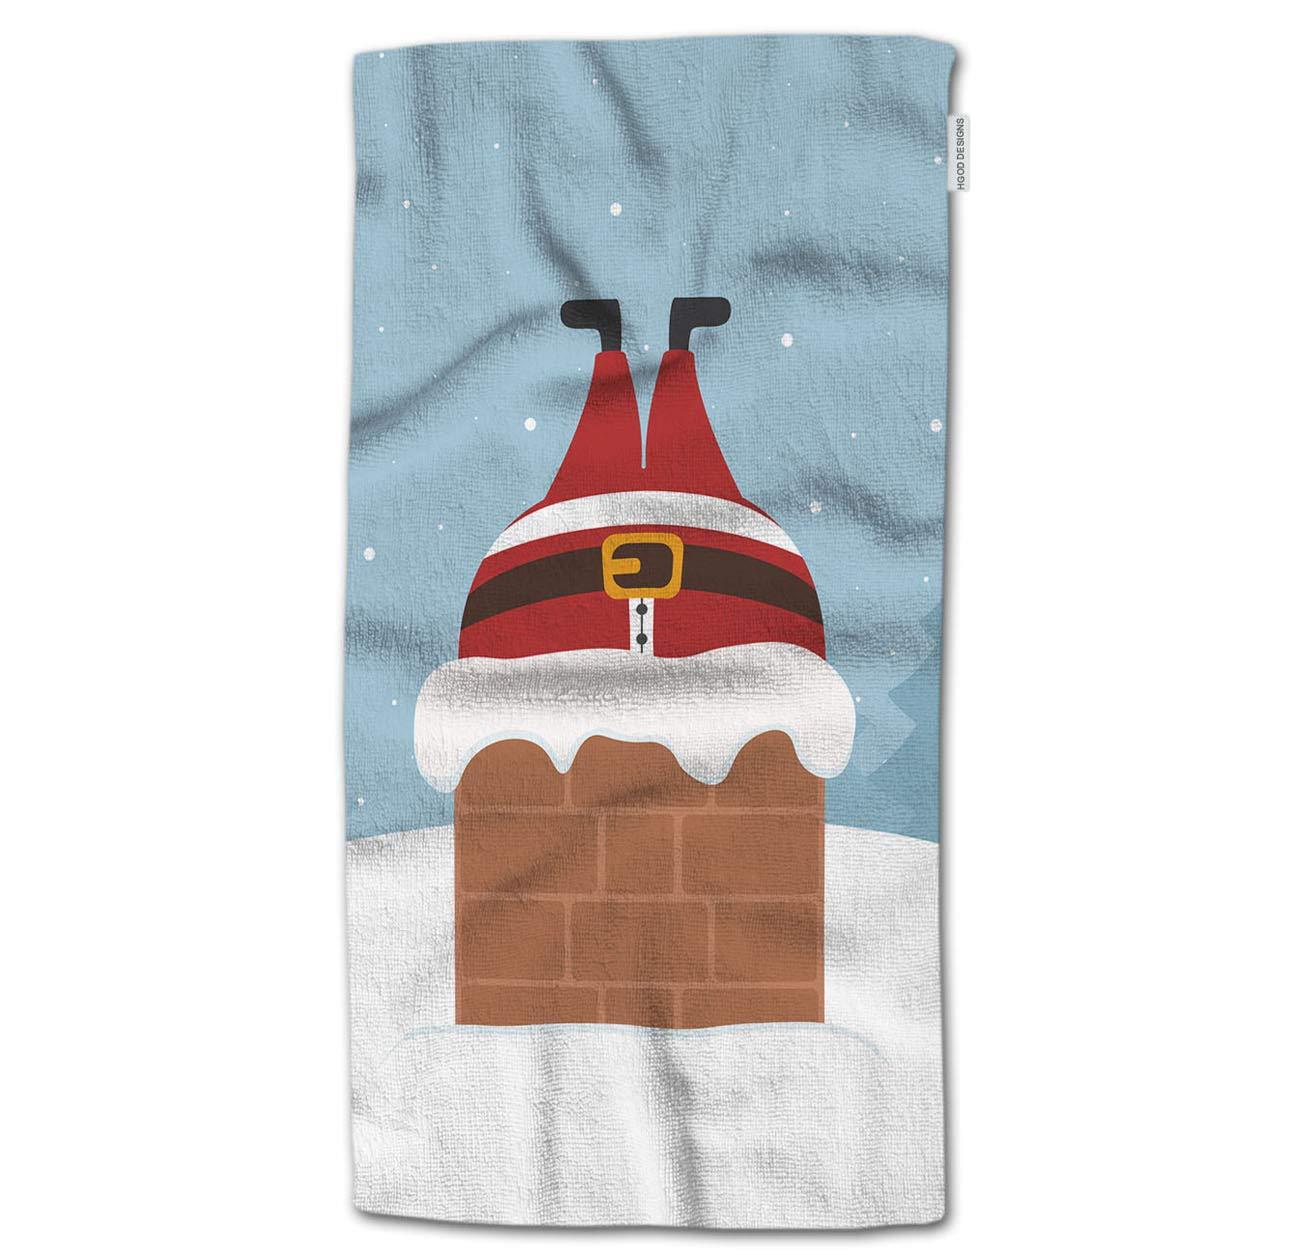 HGOD DESIGNS Bath Towel Christmas,Santa Stuck in Chimney Winter Snowy Landscape Bath Towel Throw Blanket Beach Towel 64'' Lx32 W